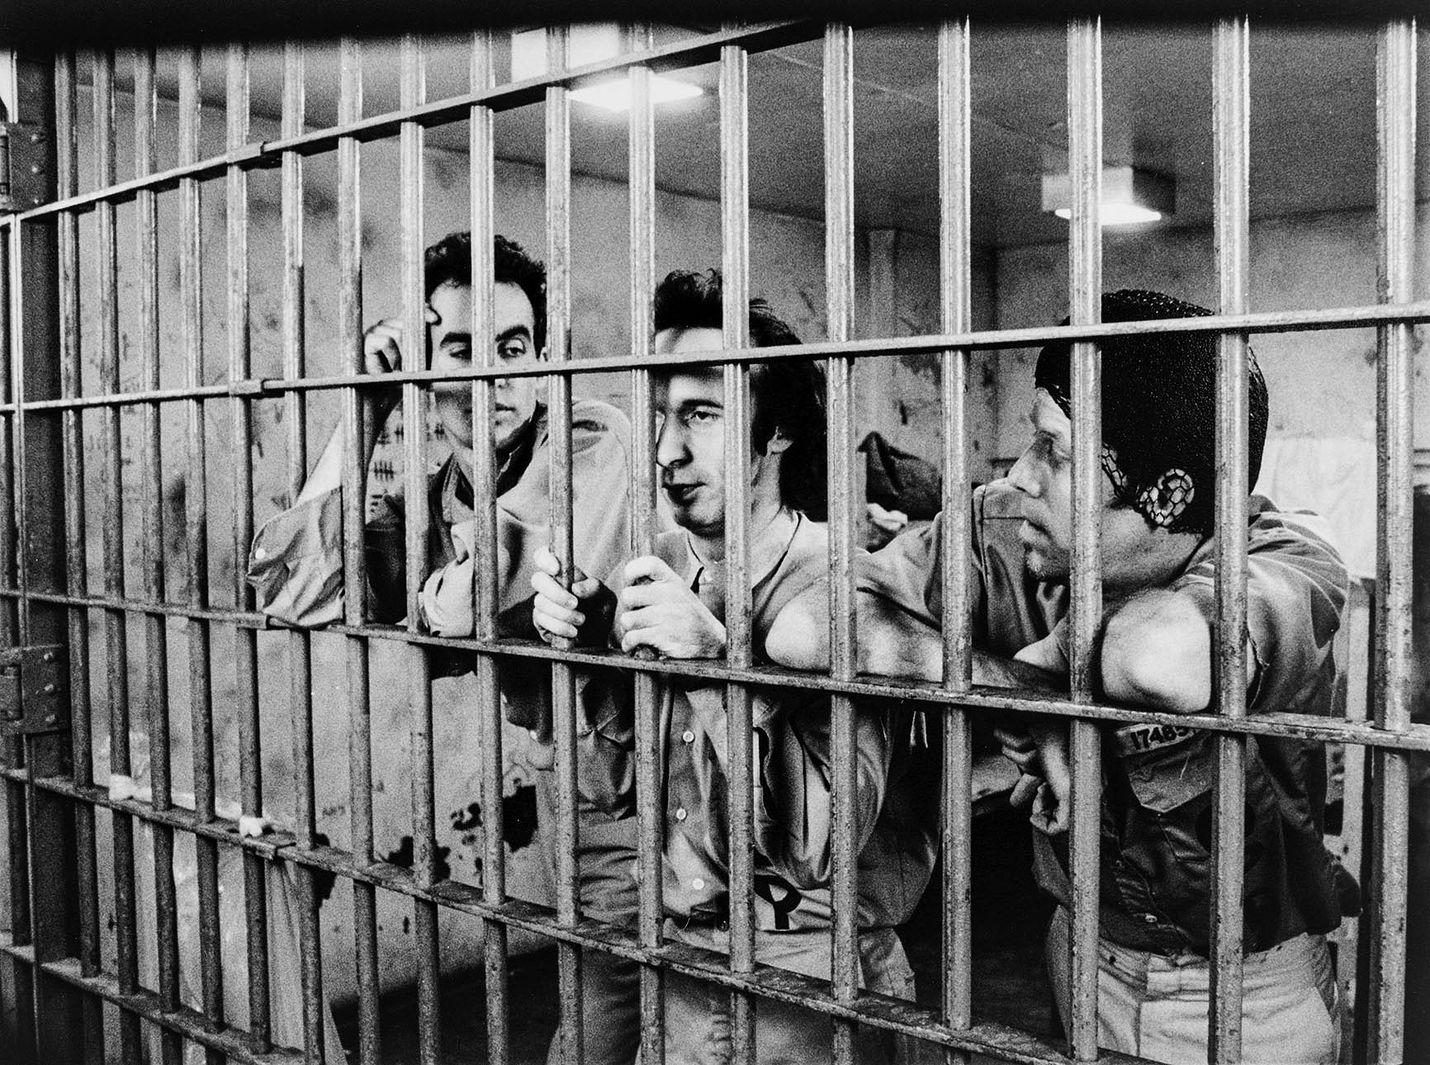 Down by law on surullisen kaunis komedia työttömästä tiskijukasta, sutenööristä ja italialaisesta turistista, jotka suljetaan Louisianassa samaan selliin.